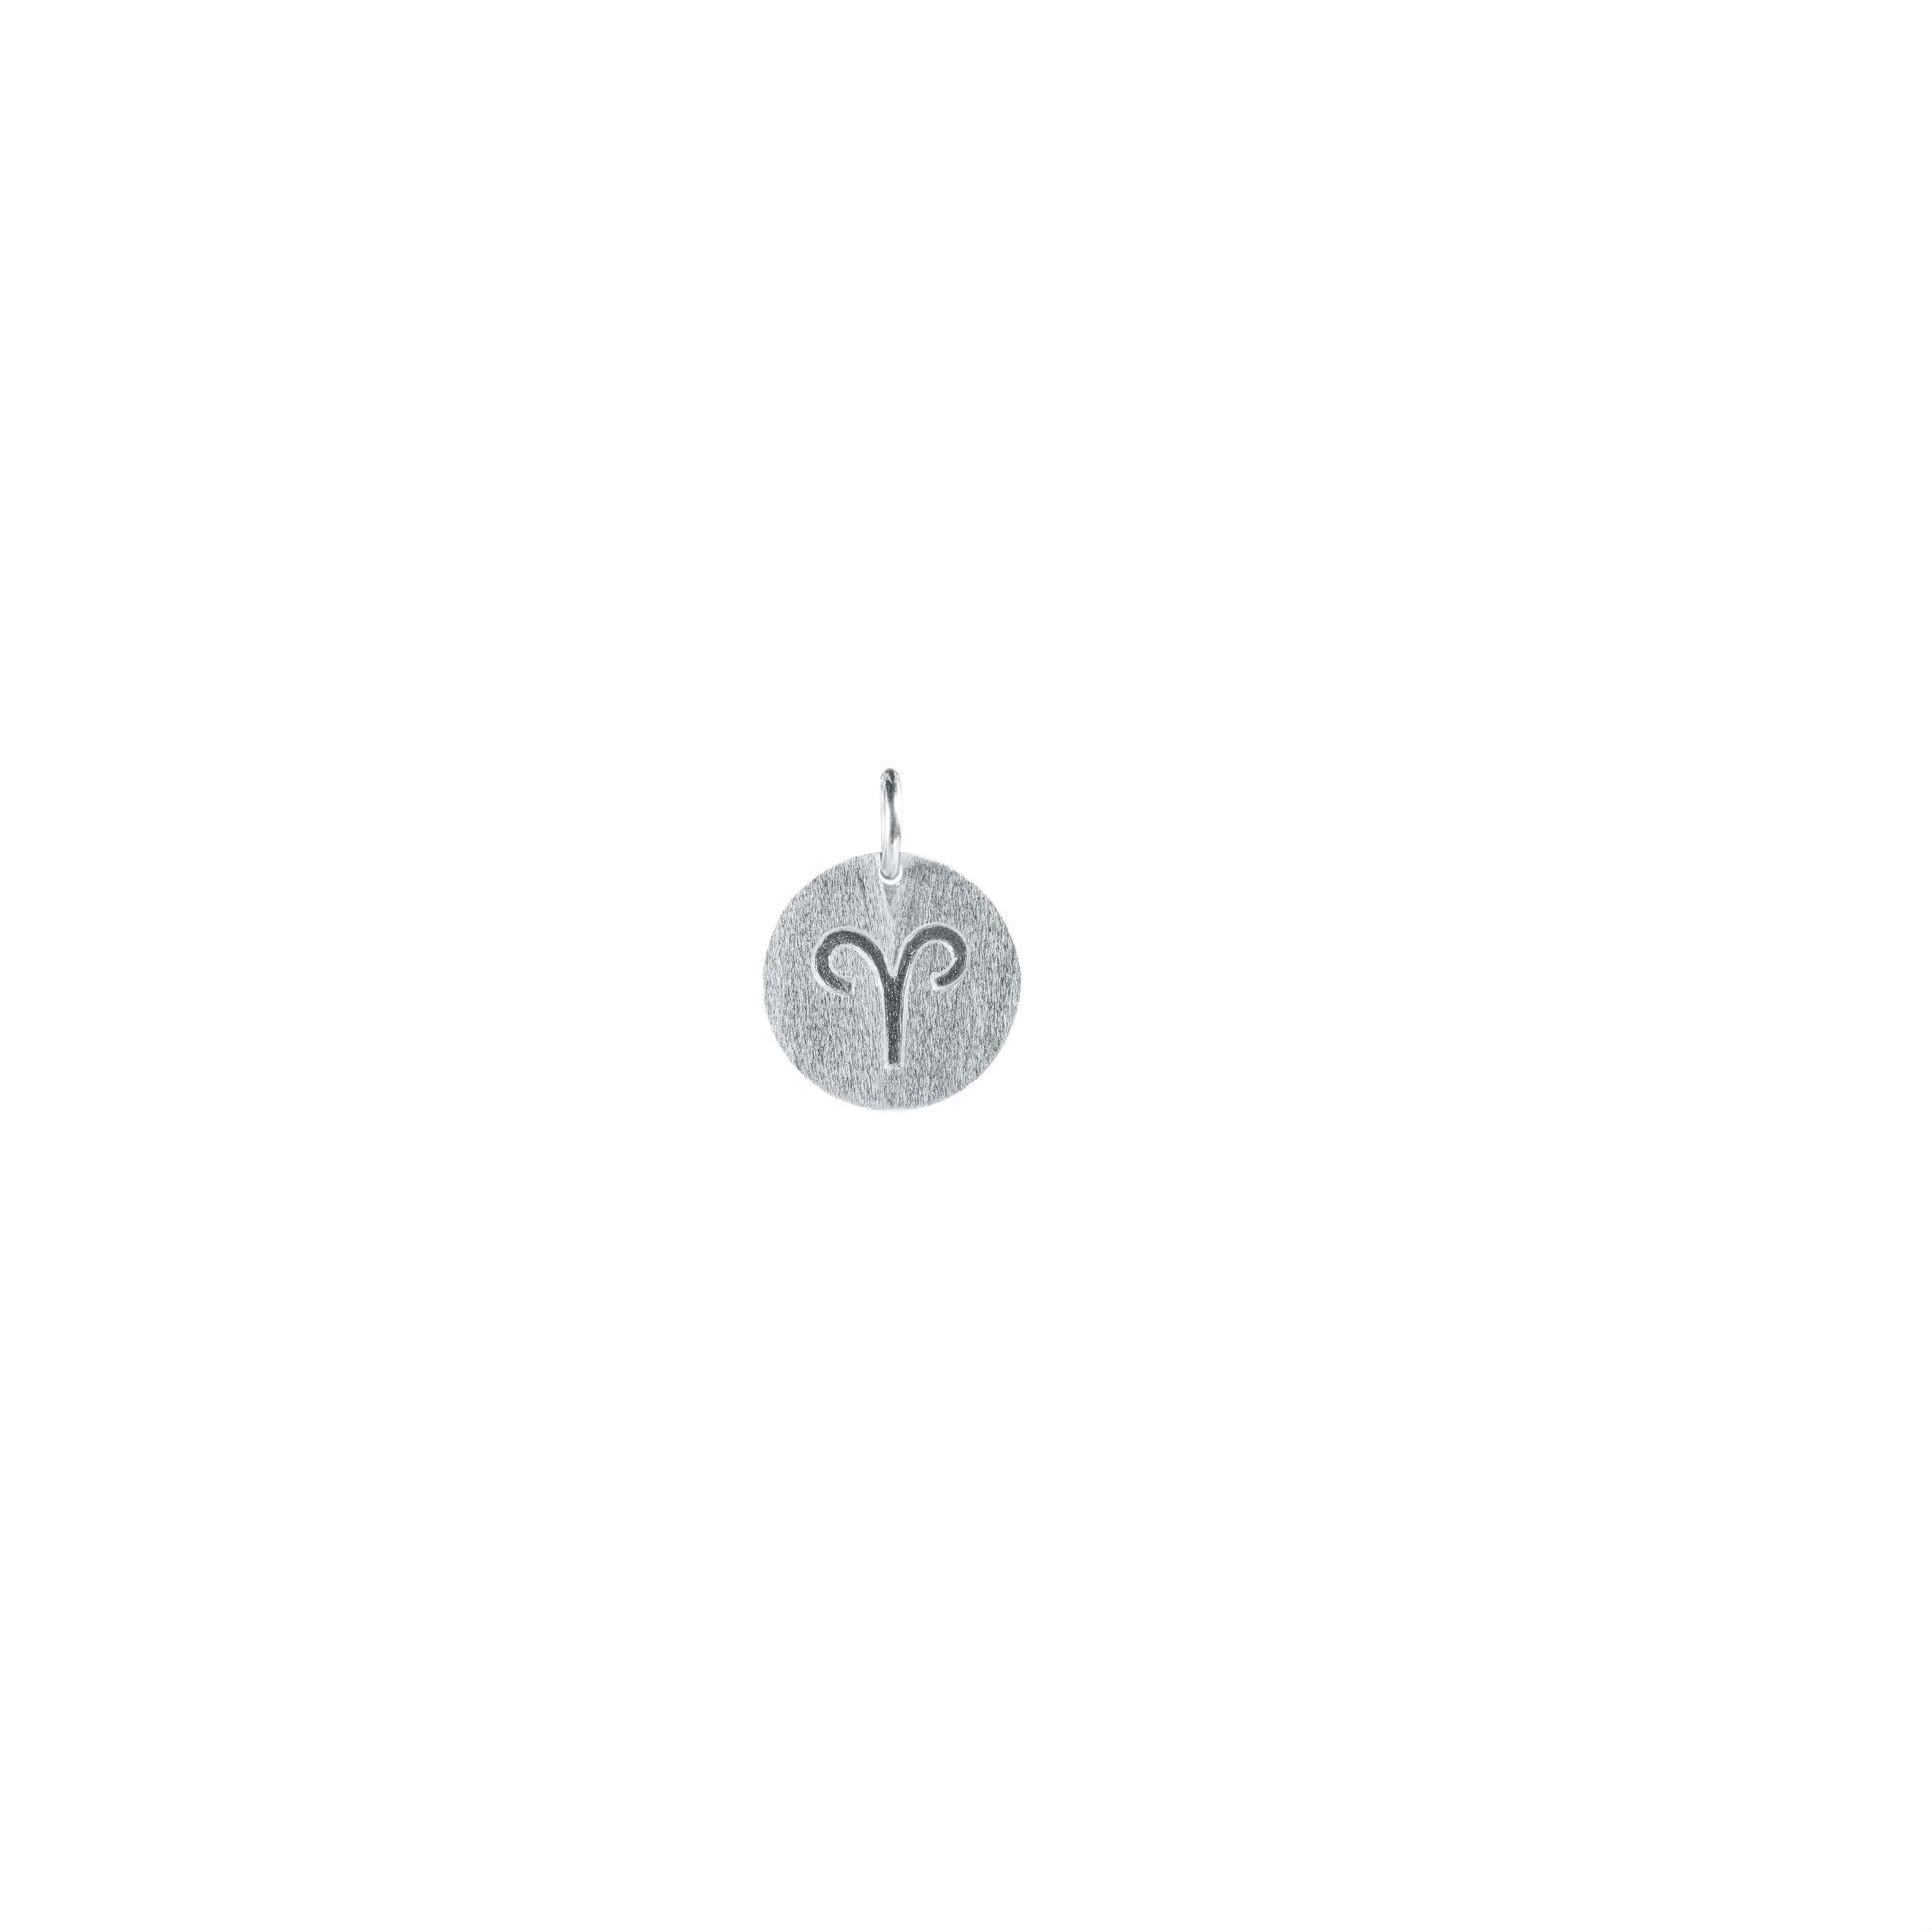 https://www.selecteddesigners.dk/media/catalog/product/p/-/p-901-s_1.jpg